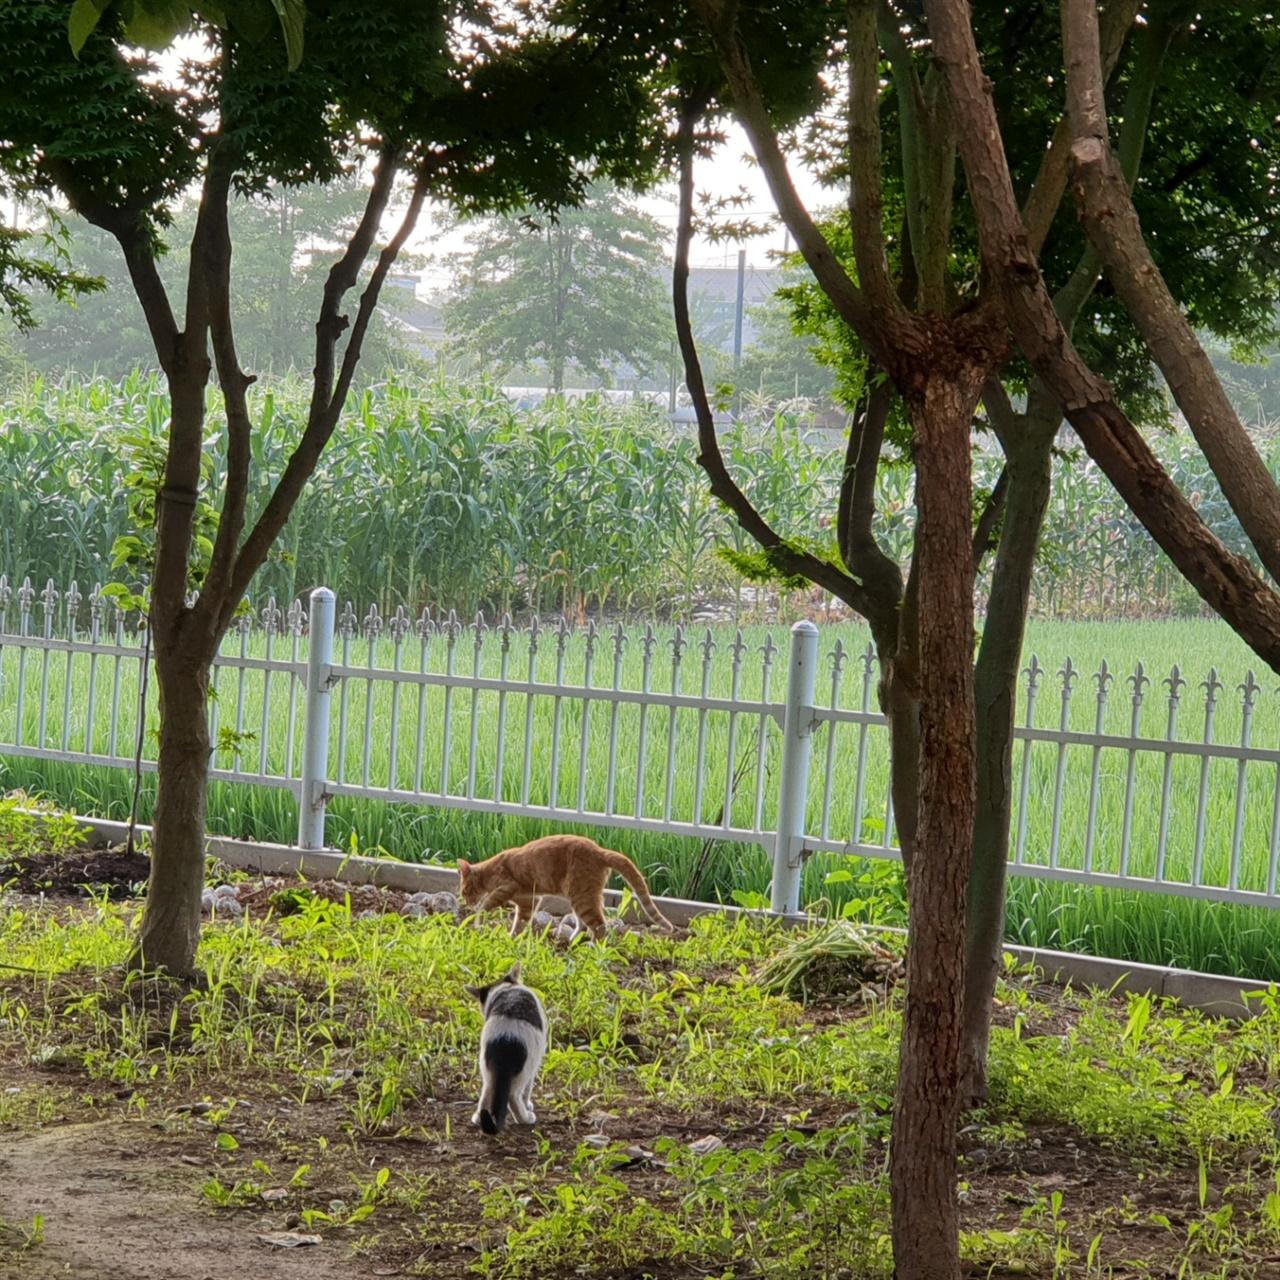 우리가  마당에서 키우는 반려고양이 백미와 땅이 백미와 땅이가 마당에서 어슬렁거리는 모습에 평안을 얻는다.